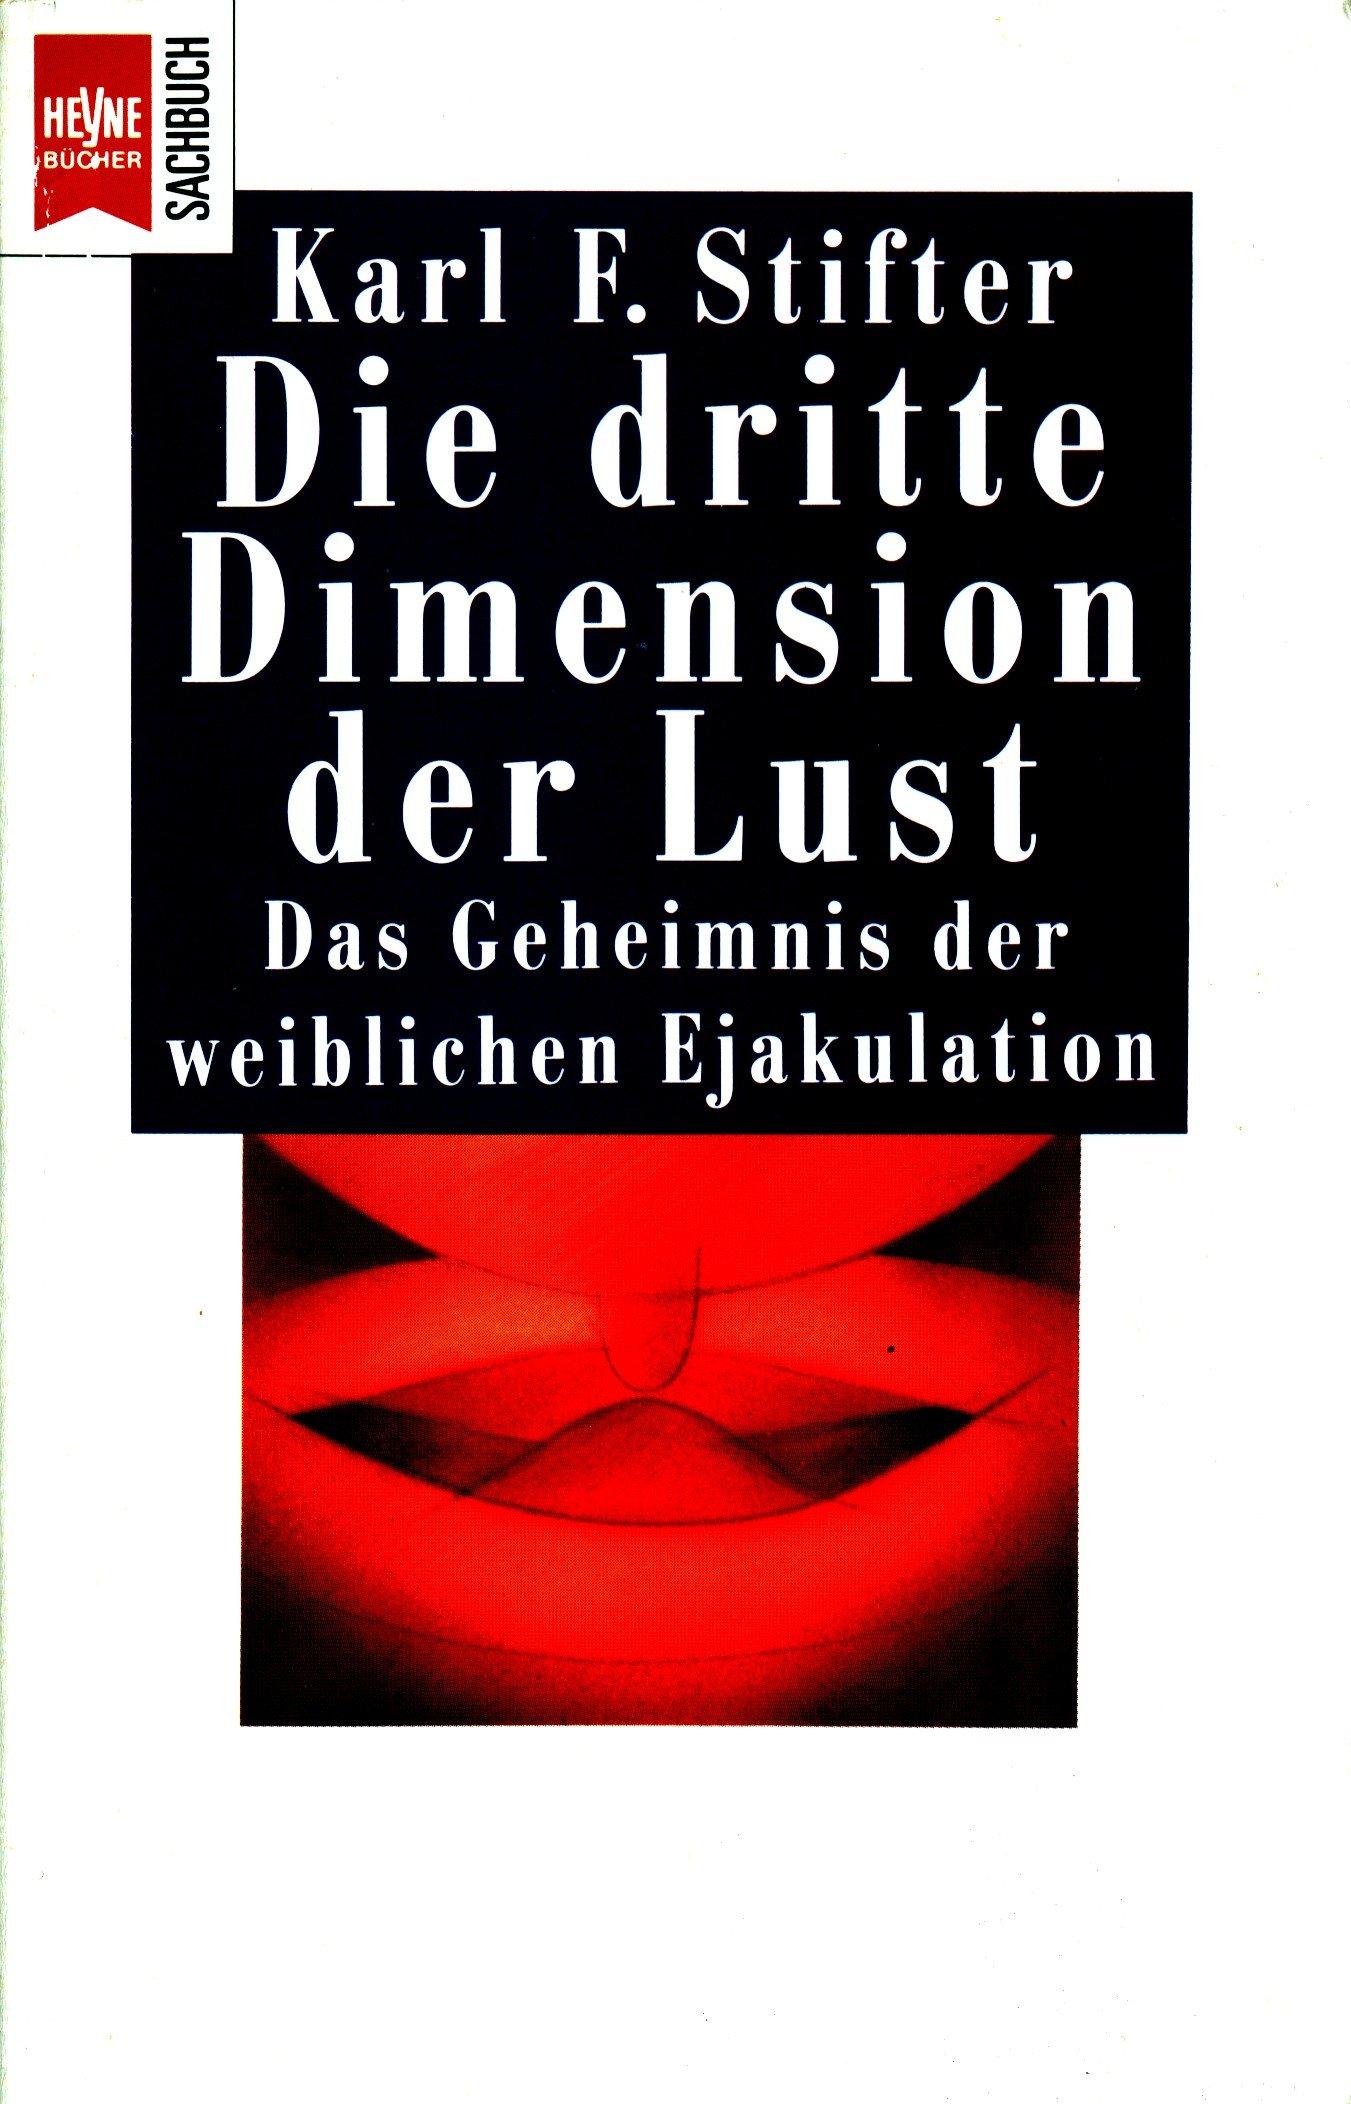 Die dritte Dimension der Lust. Das Geheimnis der weiblichen Ejakulation.